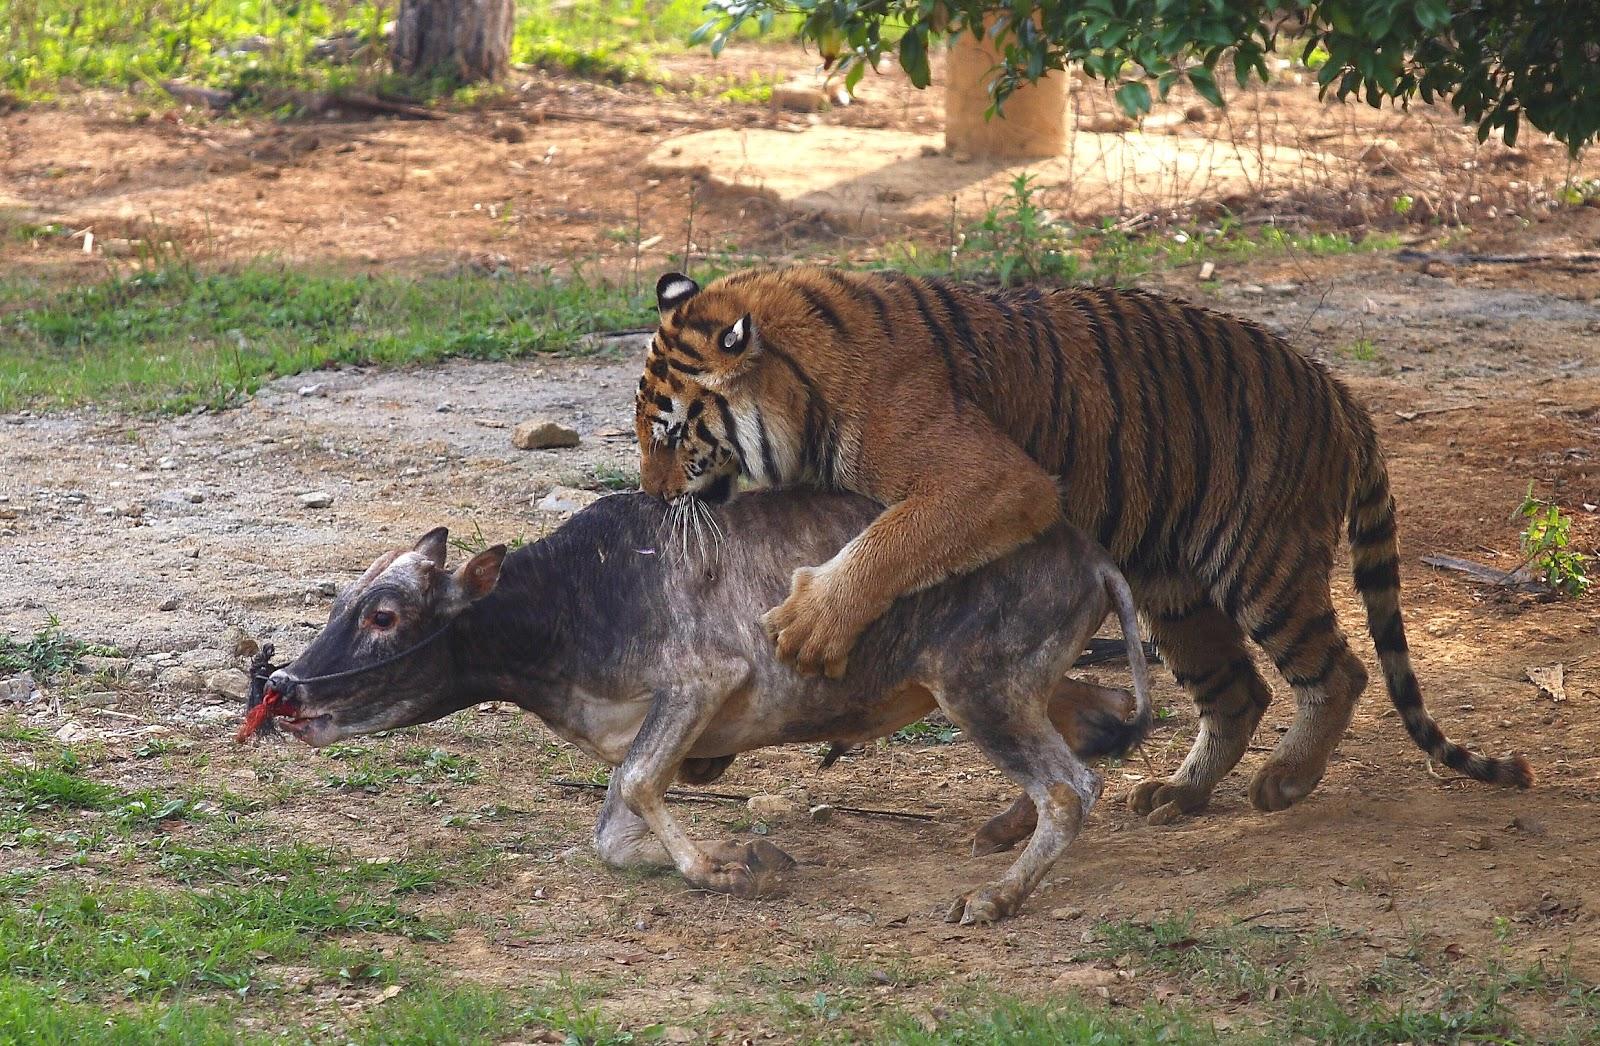 Tigers Eating Prey Tiger Eating Animal